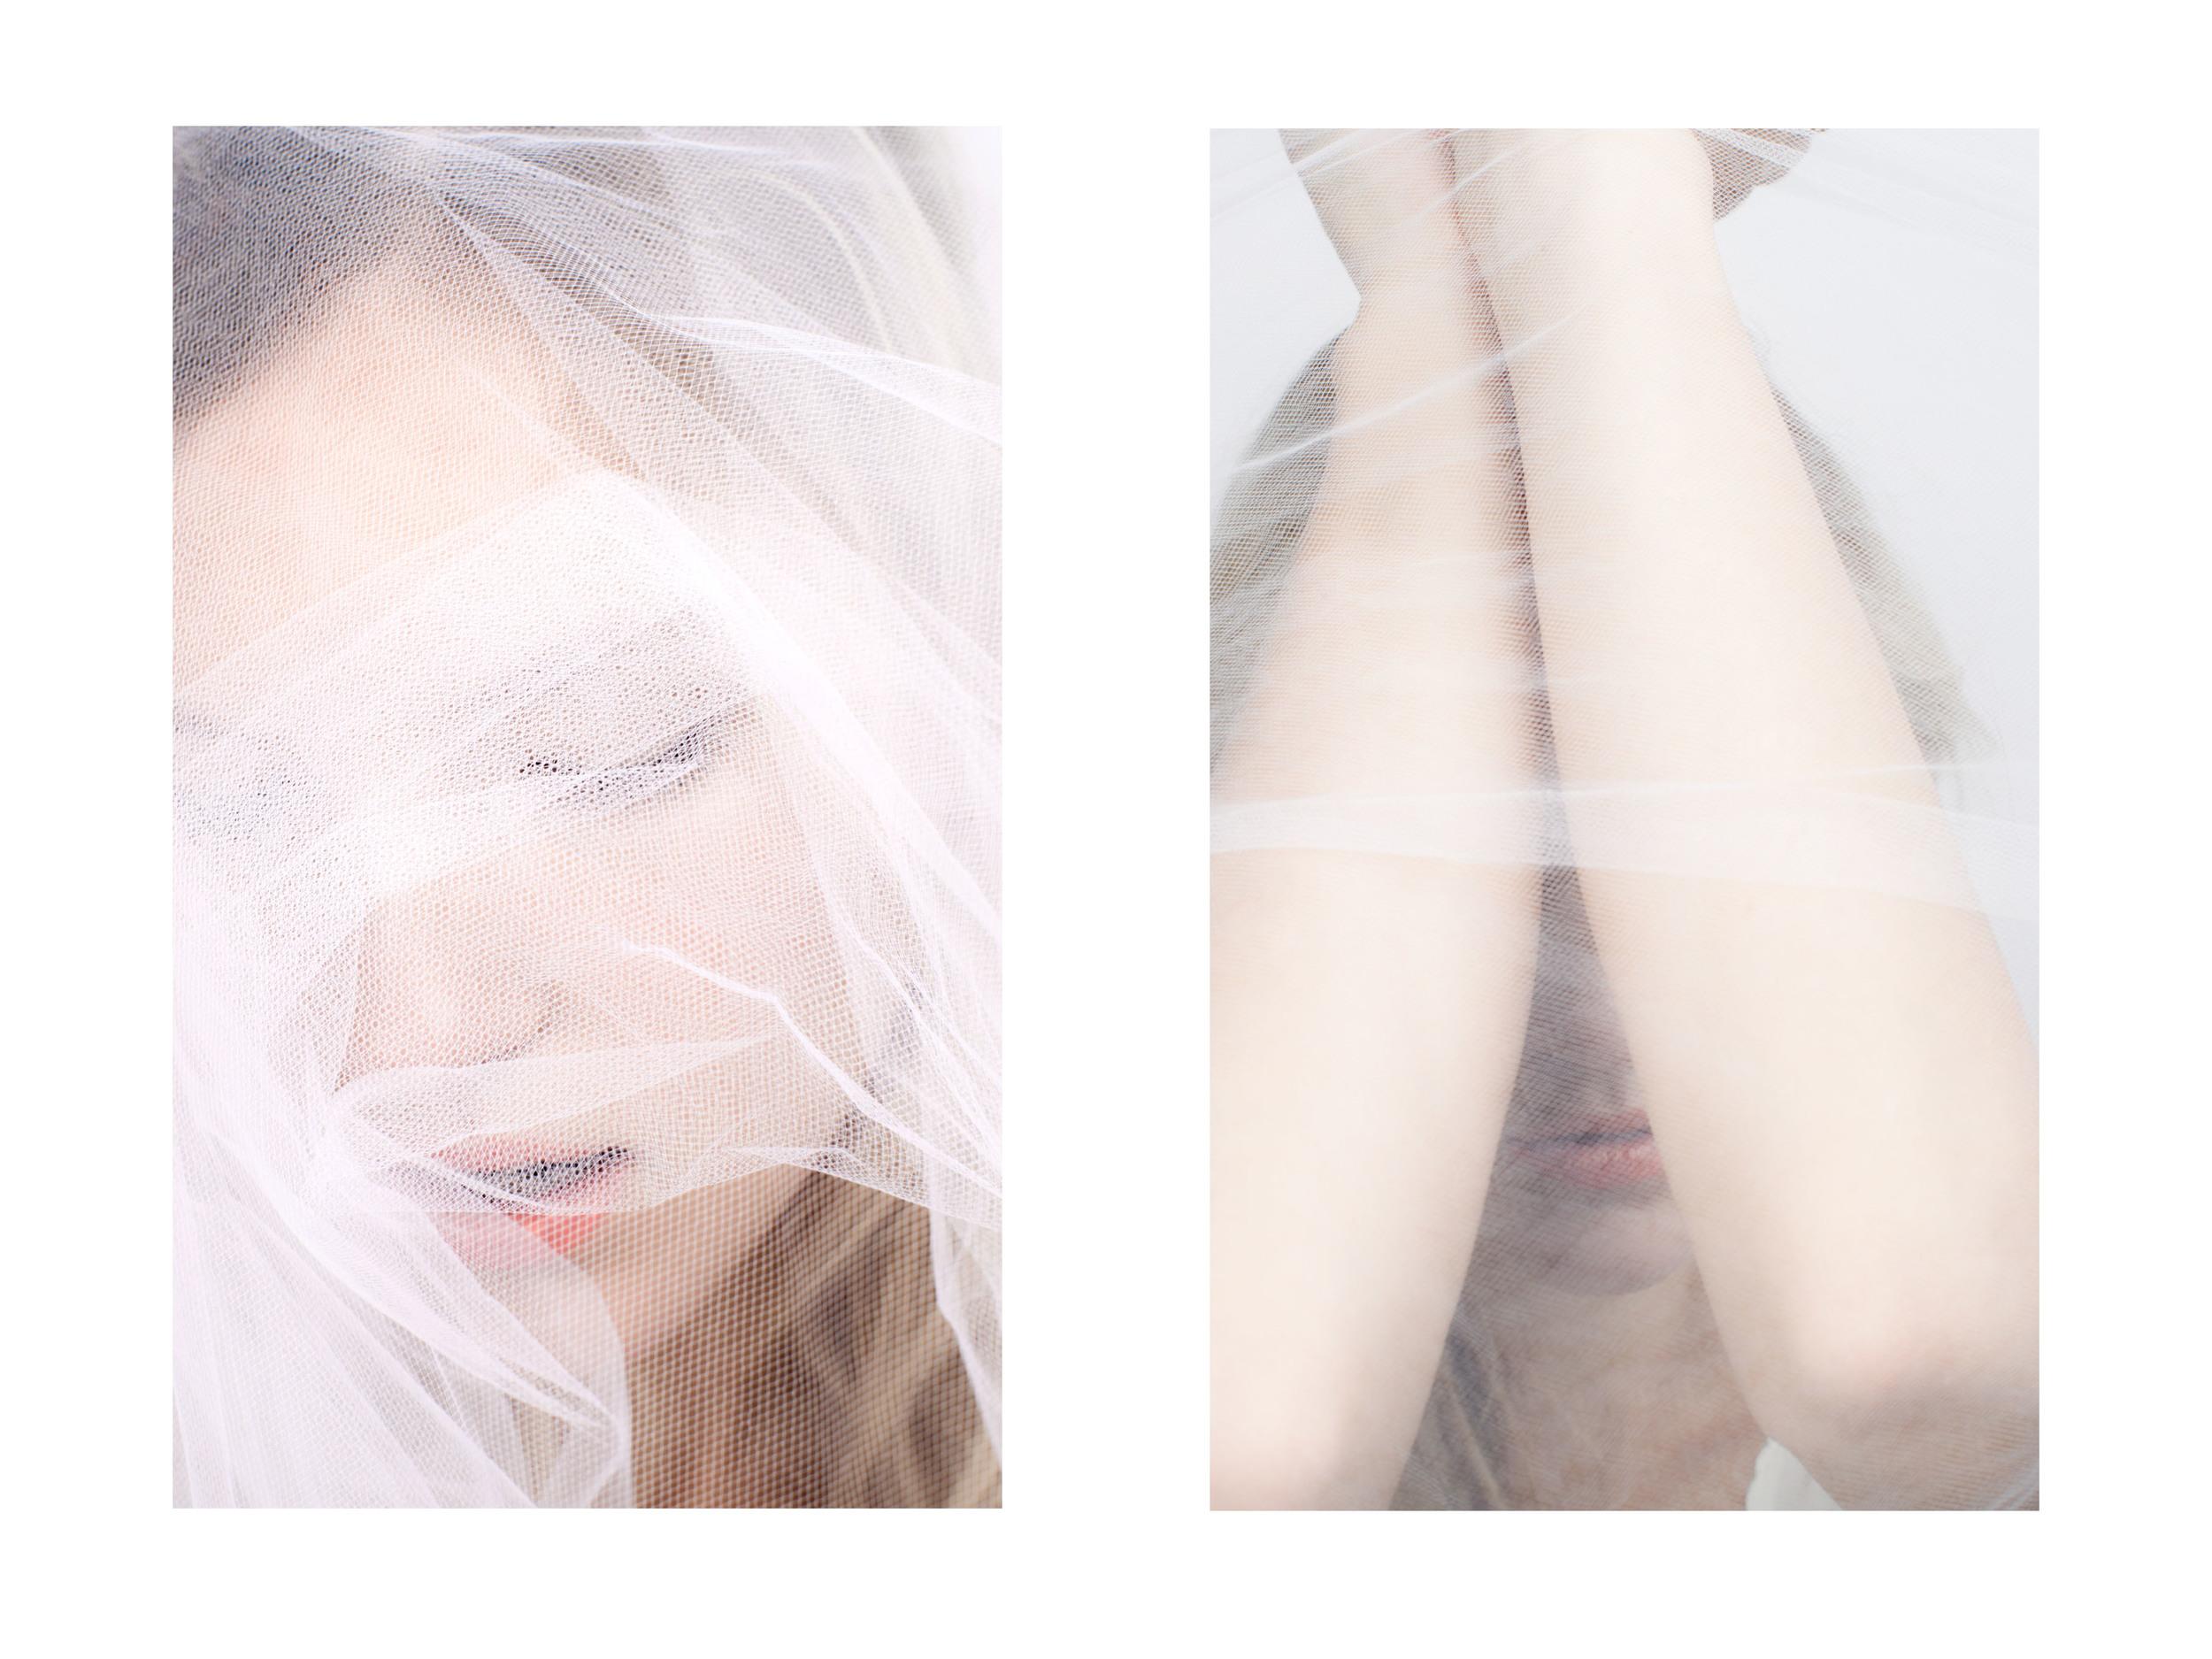 Lux Eterna, Tulle + Tori ©2013